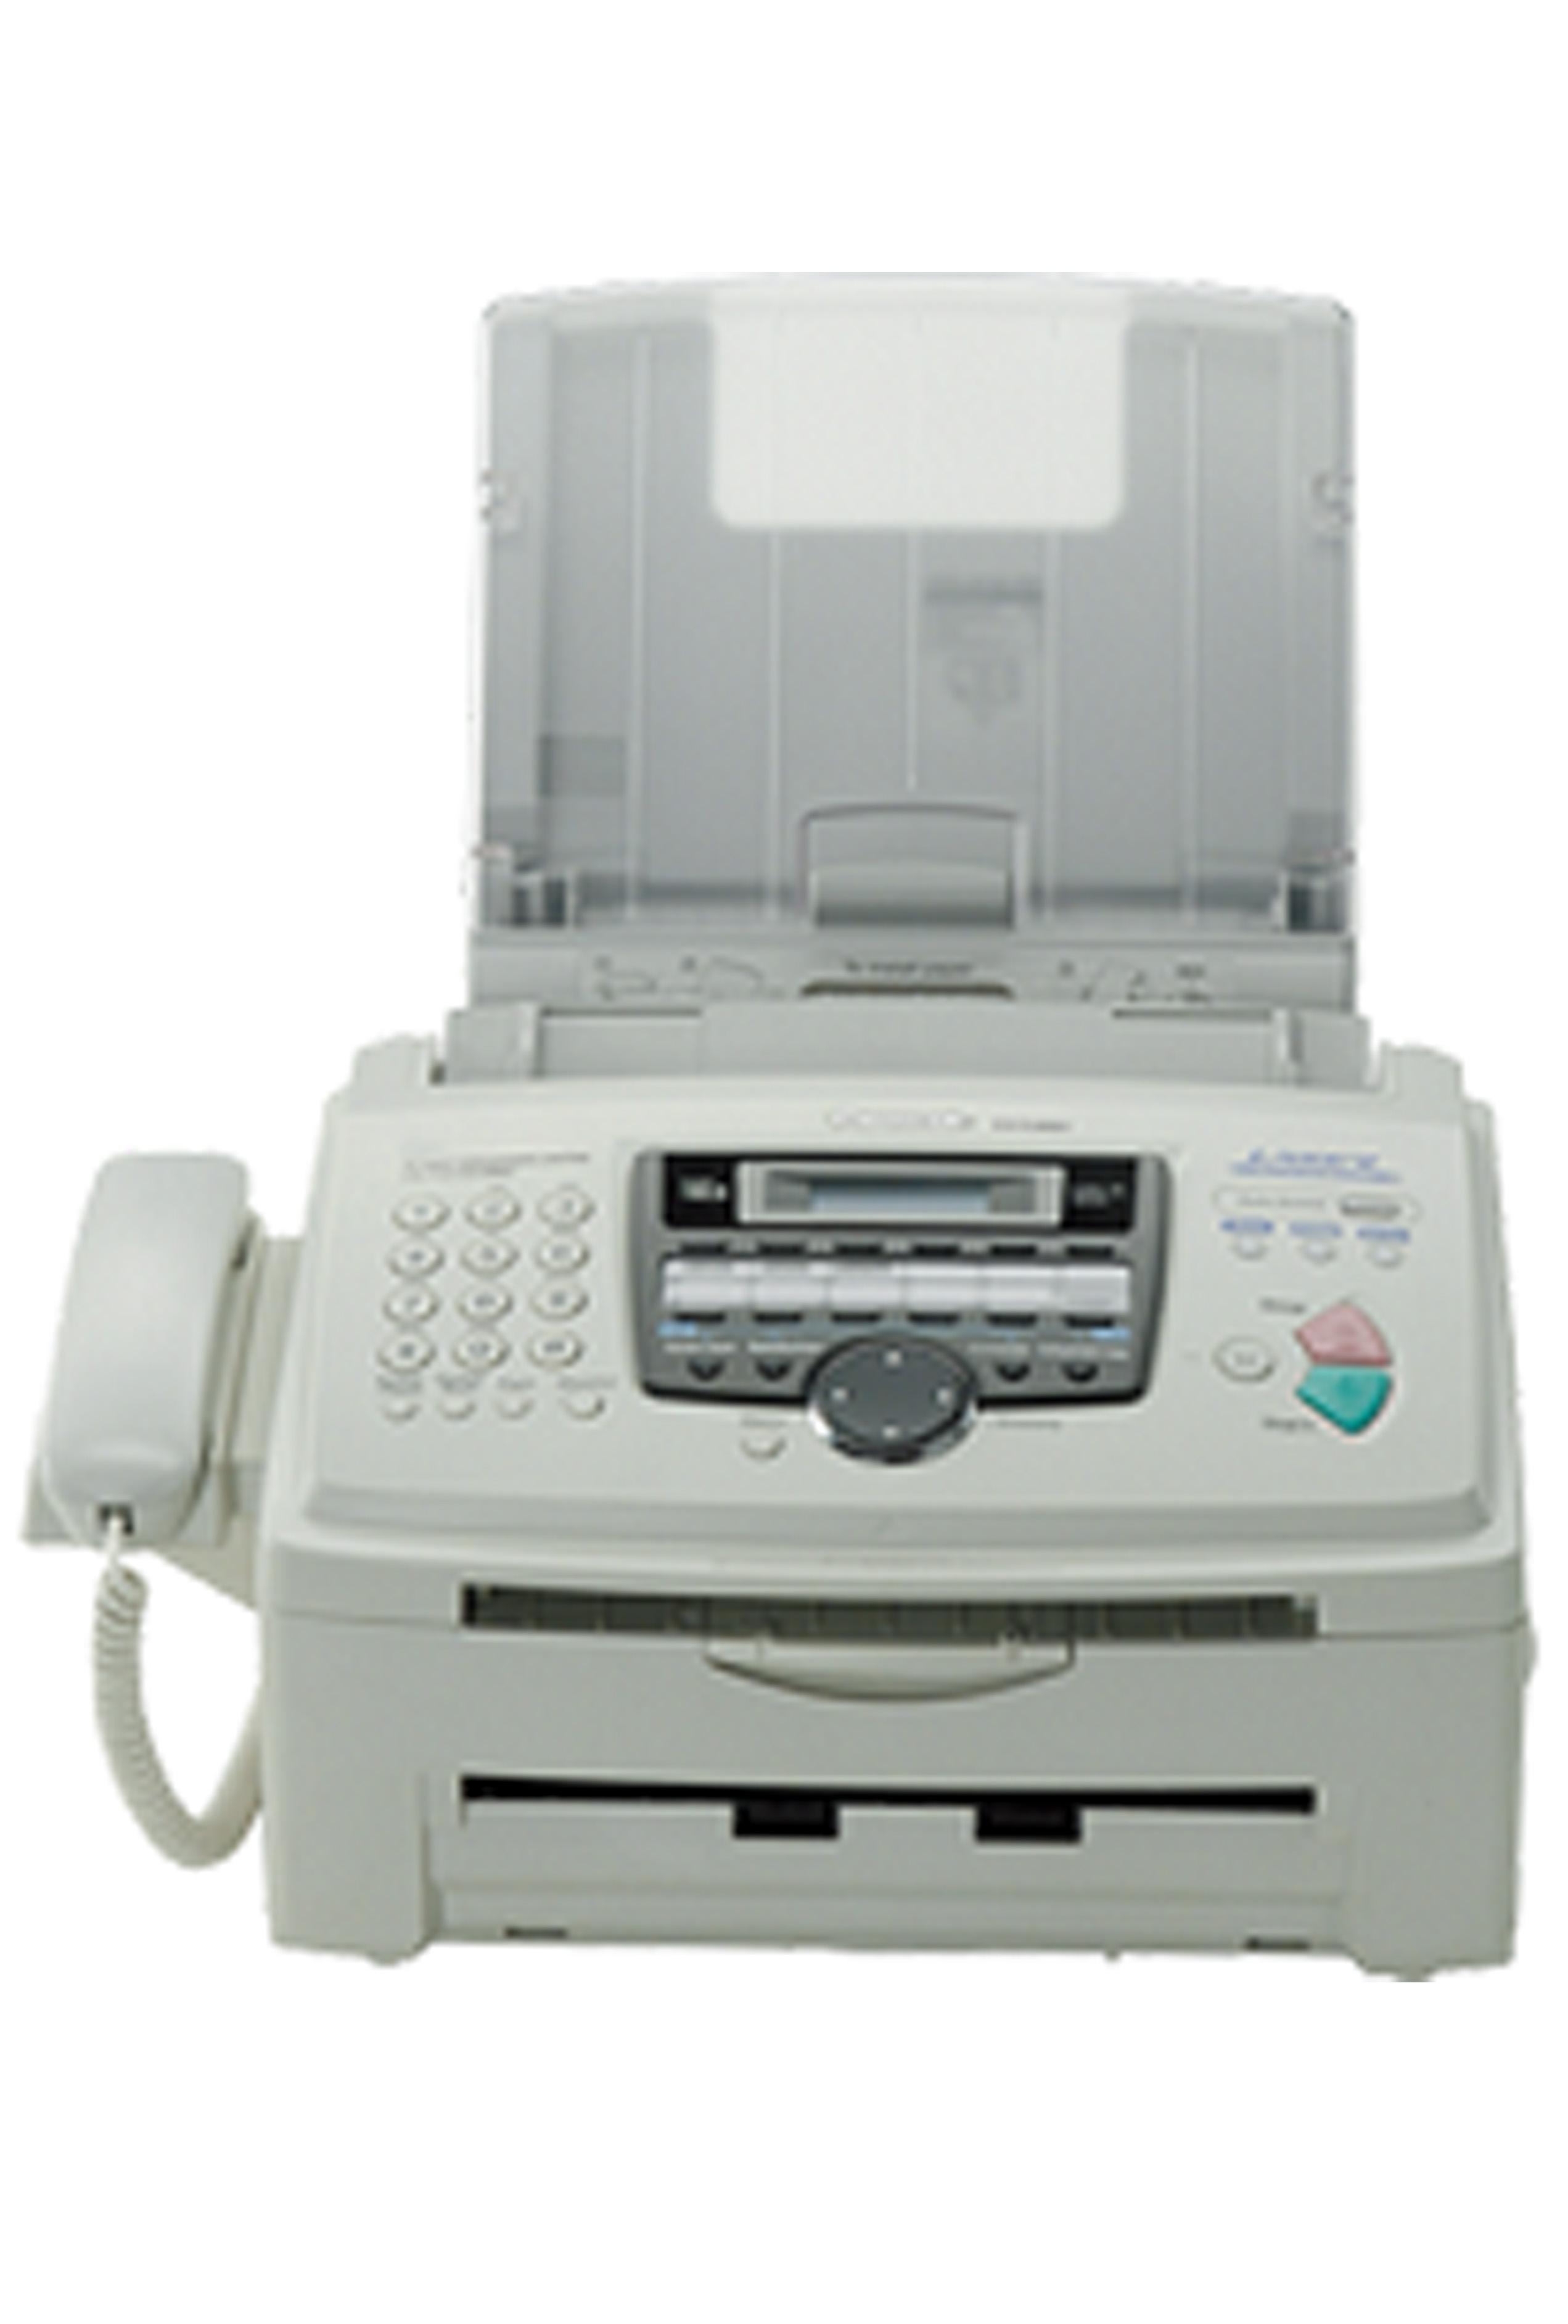 Panasonic KX-FLM661 Multifunction...